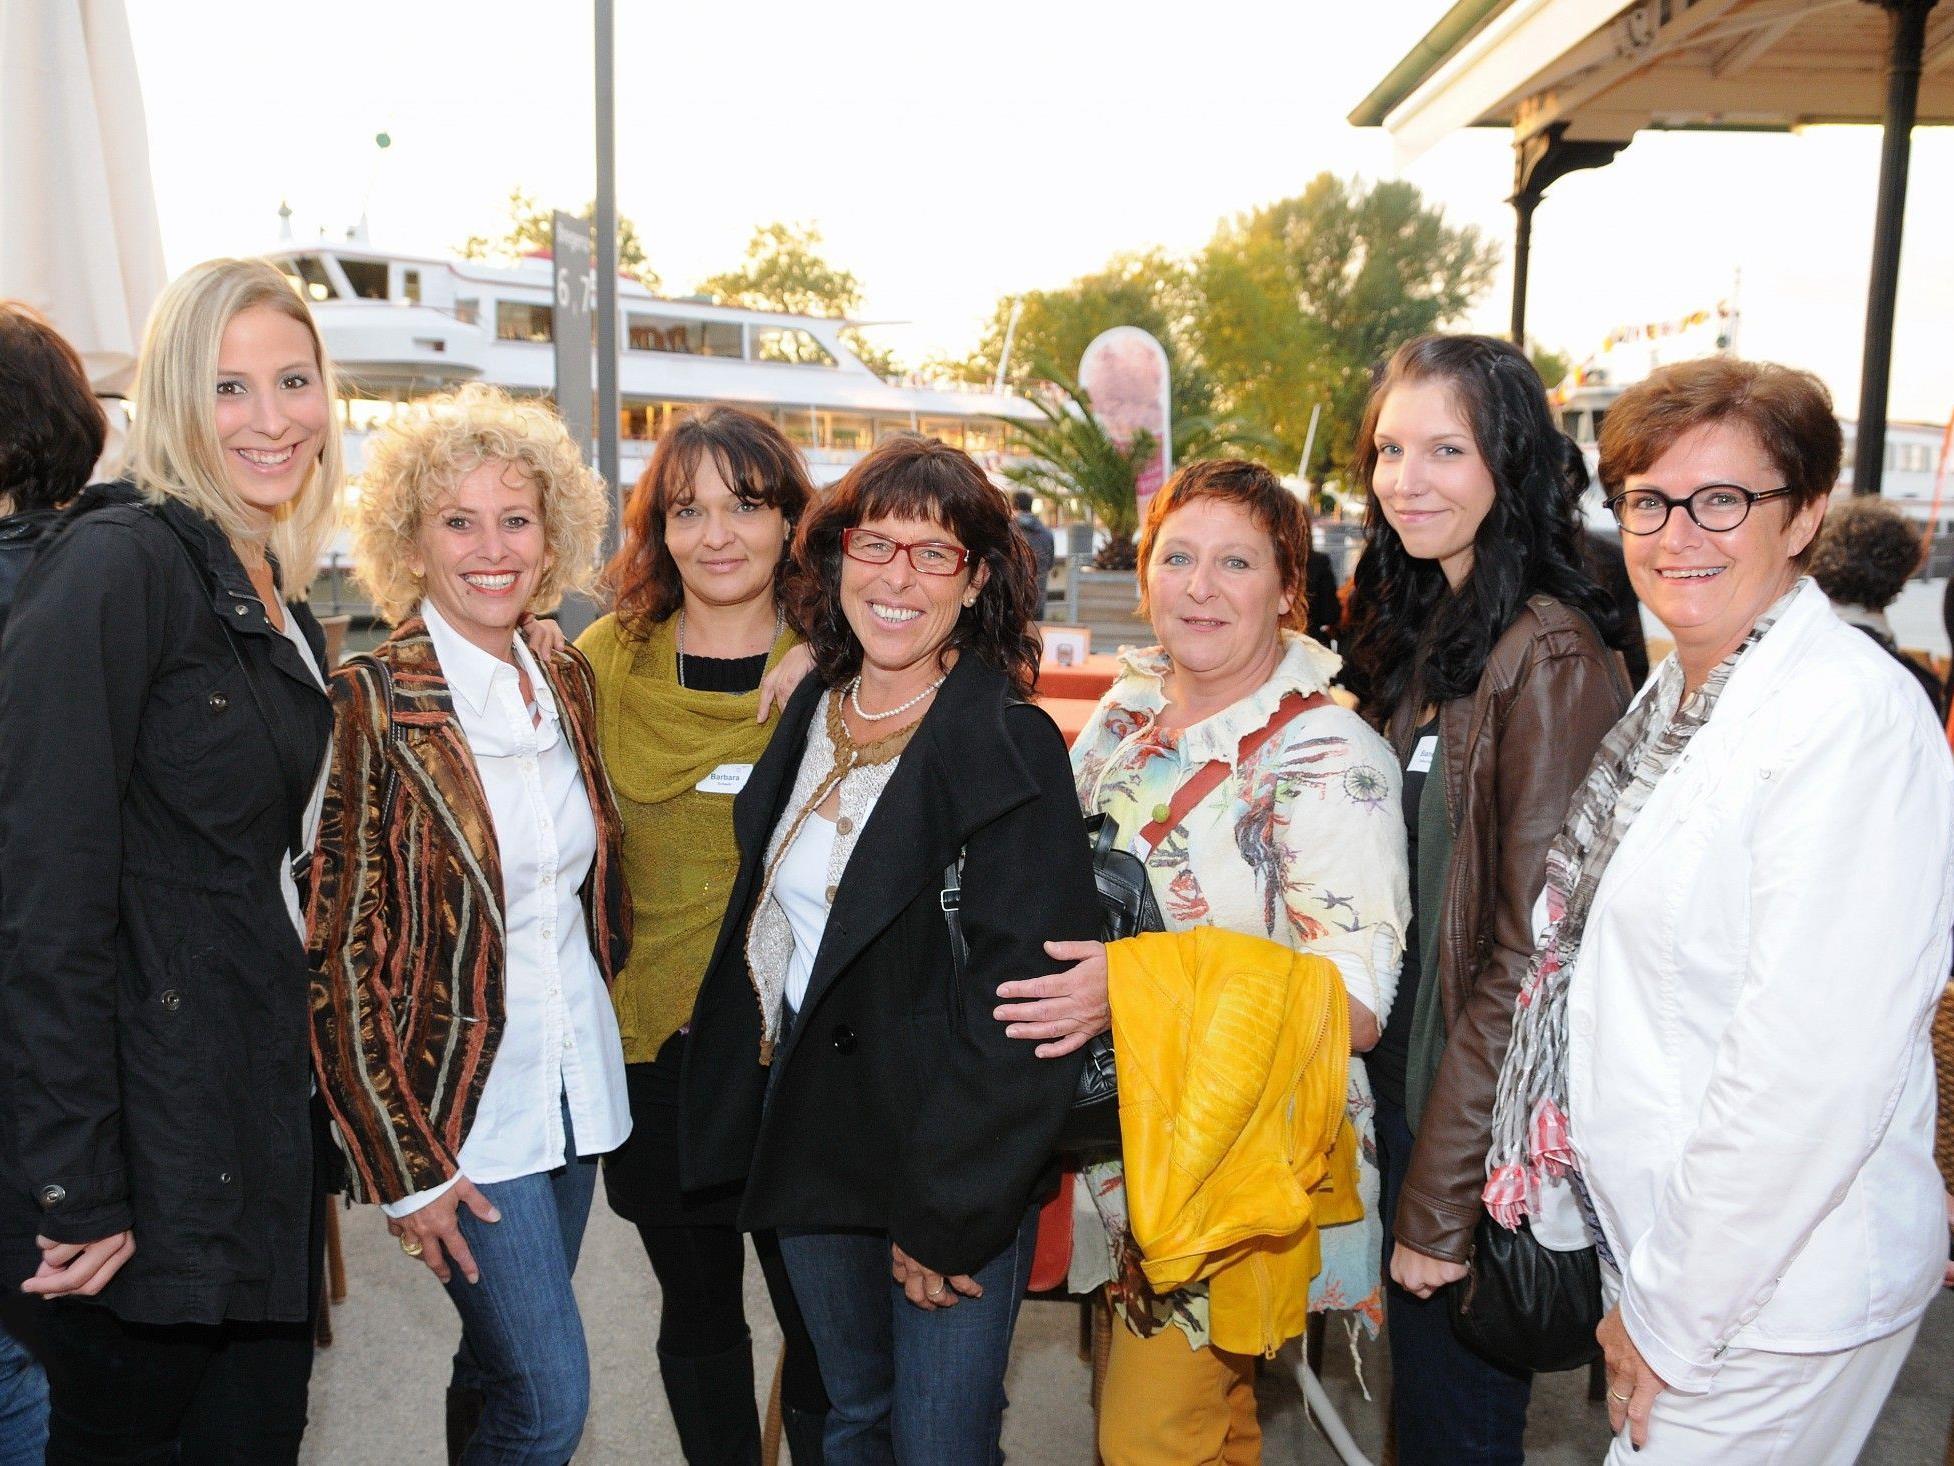 """Empfang des Landes für Pflegefachkräfte der Hauskrankenpflege Vorarlberg auf dem Bodenseeschiff """"Stadt Bregenz"""""""